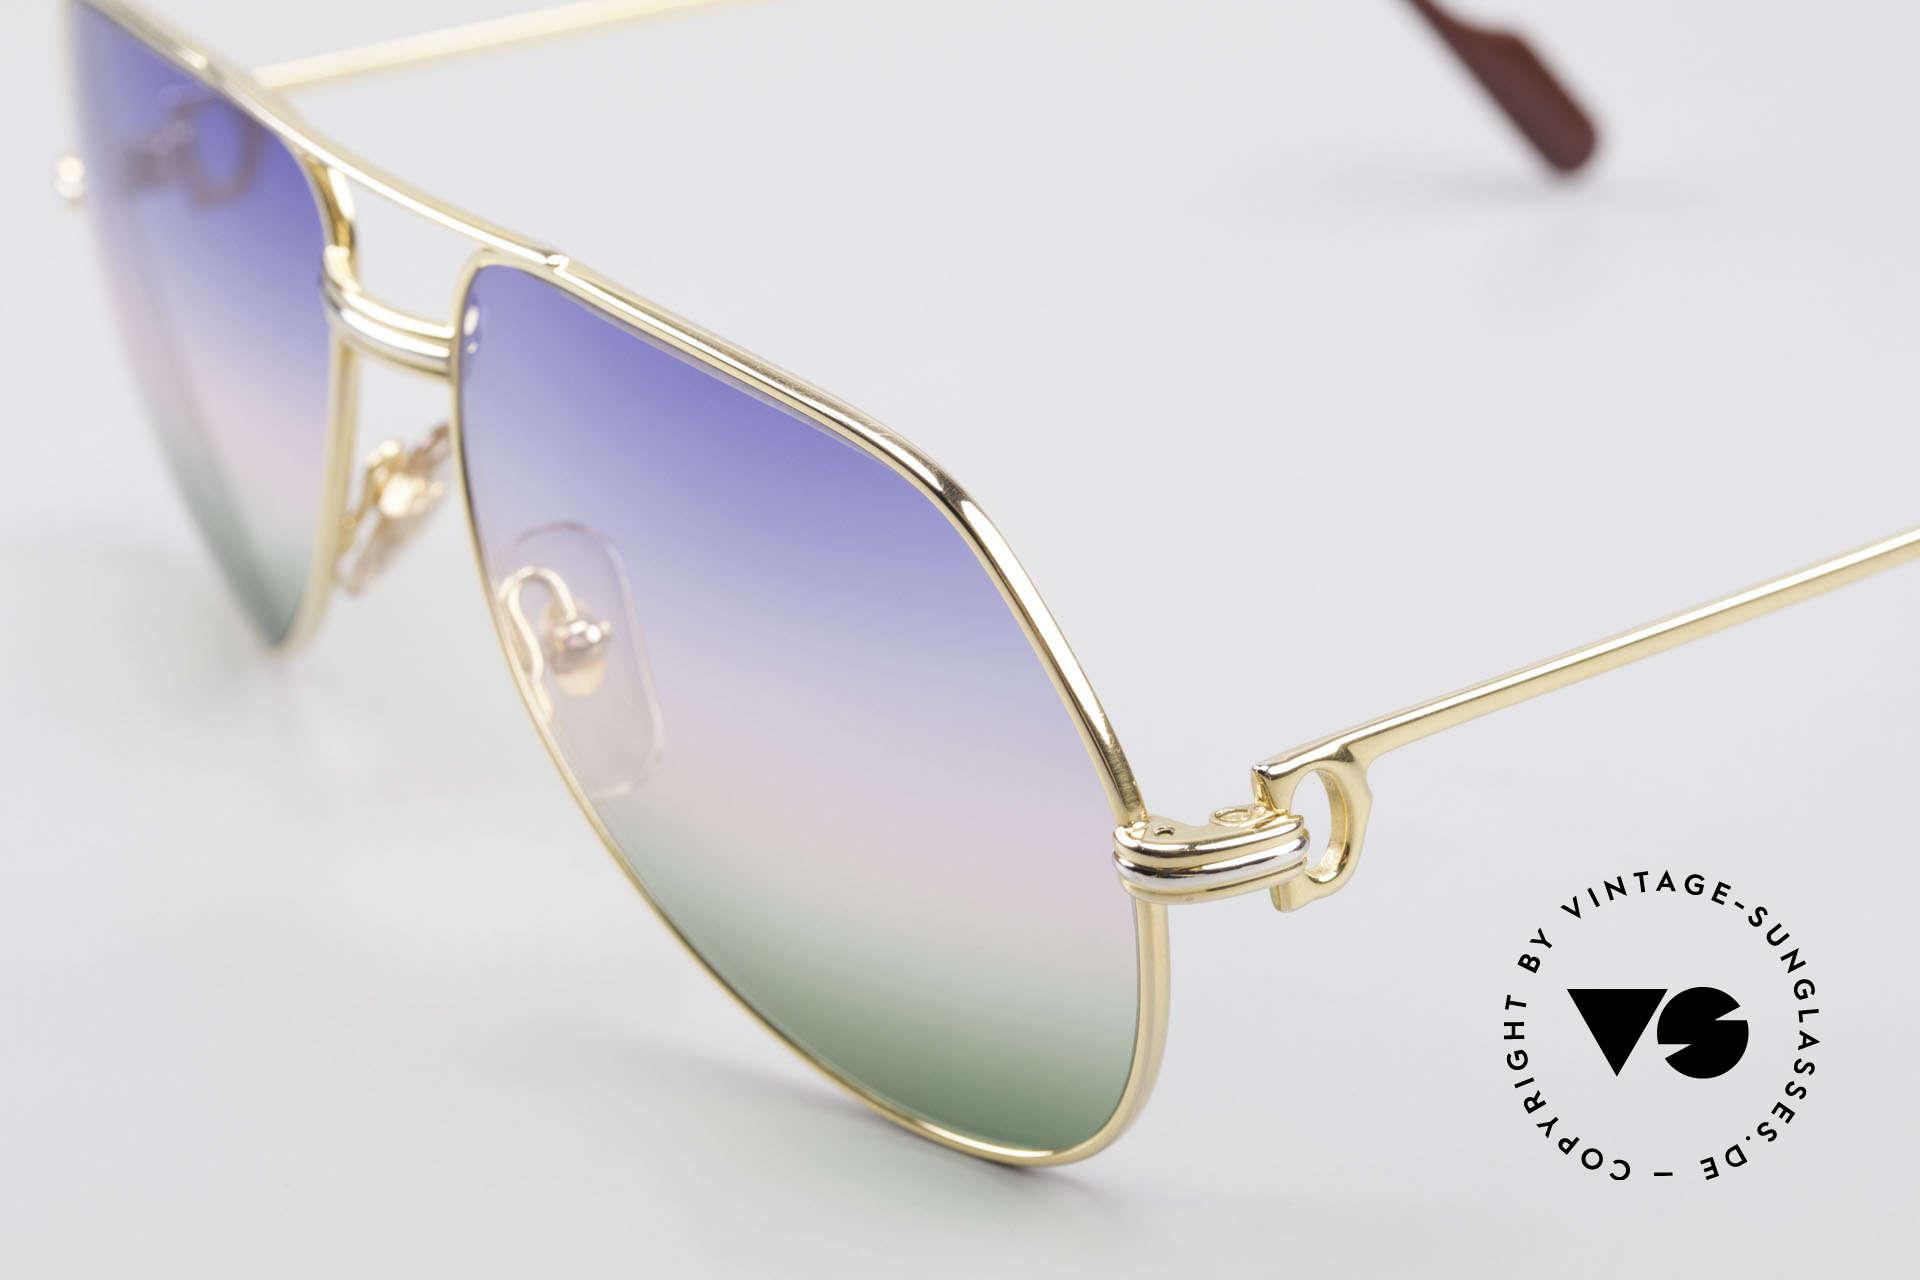 Cartier Vendome LC - M Michael Douglas Sonnenbrille, u.a. getragen von Michael Douglas ('Wall Street', 1987), Passend für Herren